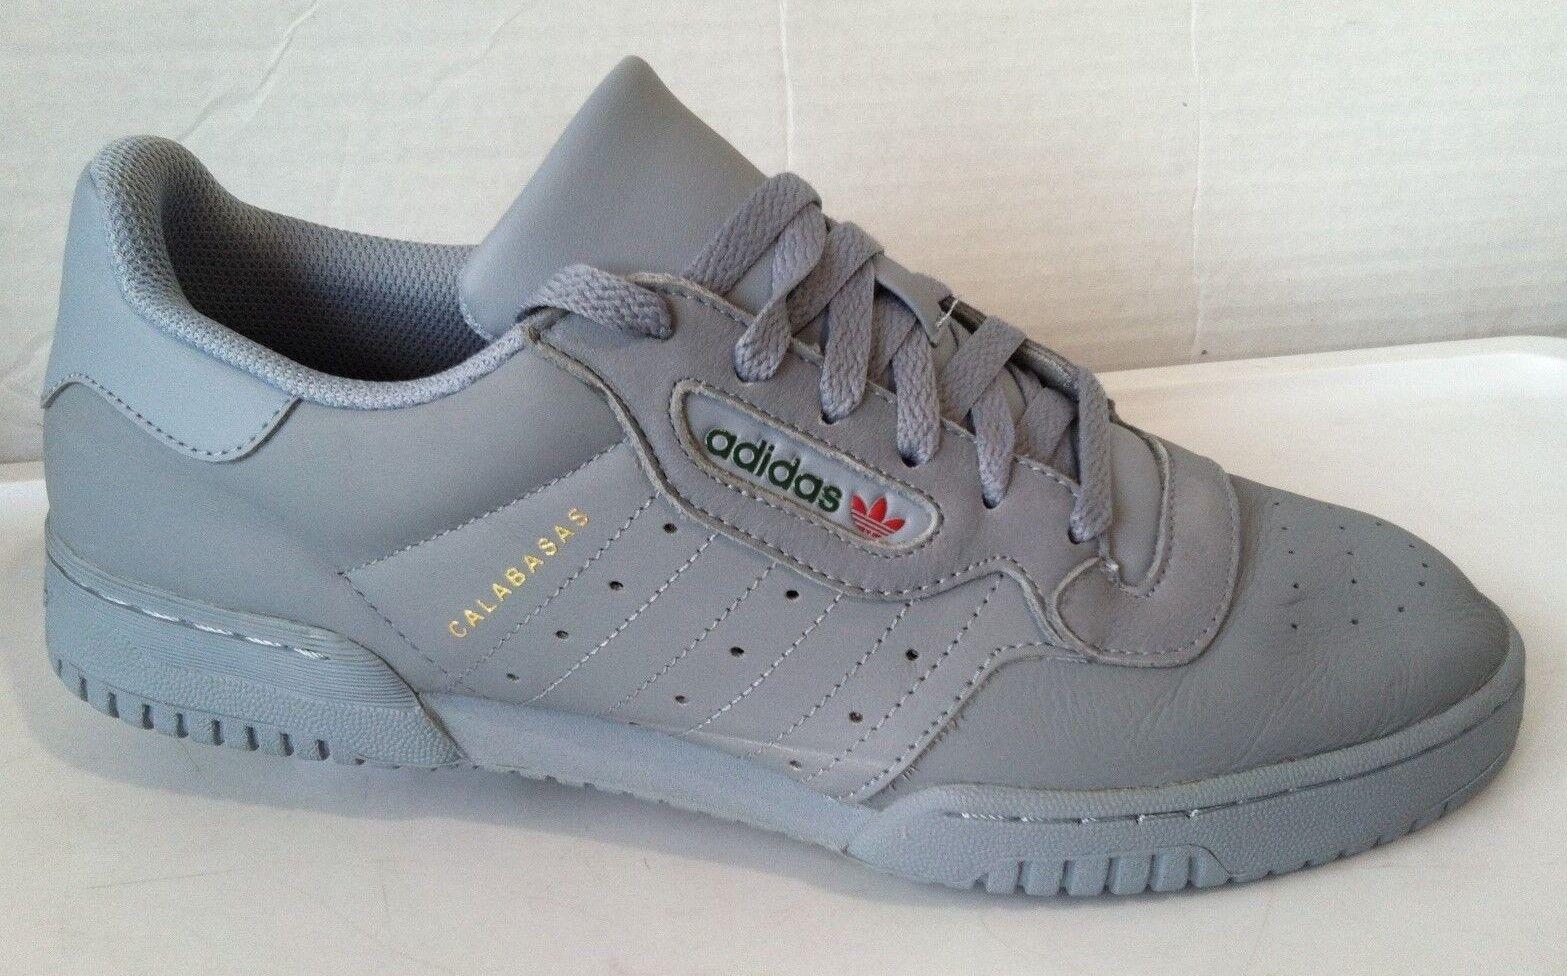 NWOBX Adidas  Yeezy Powerfase Calabasas grigio SZ 11 CG6422 LIMITED 100% Autentico  100% nuovo di zecca con qualità originale